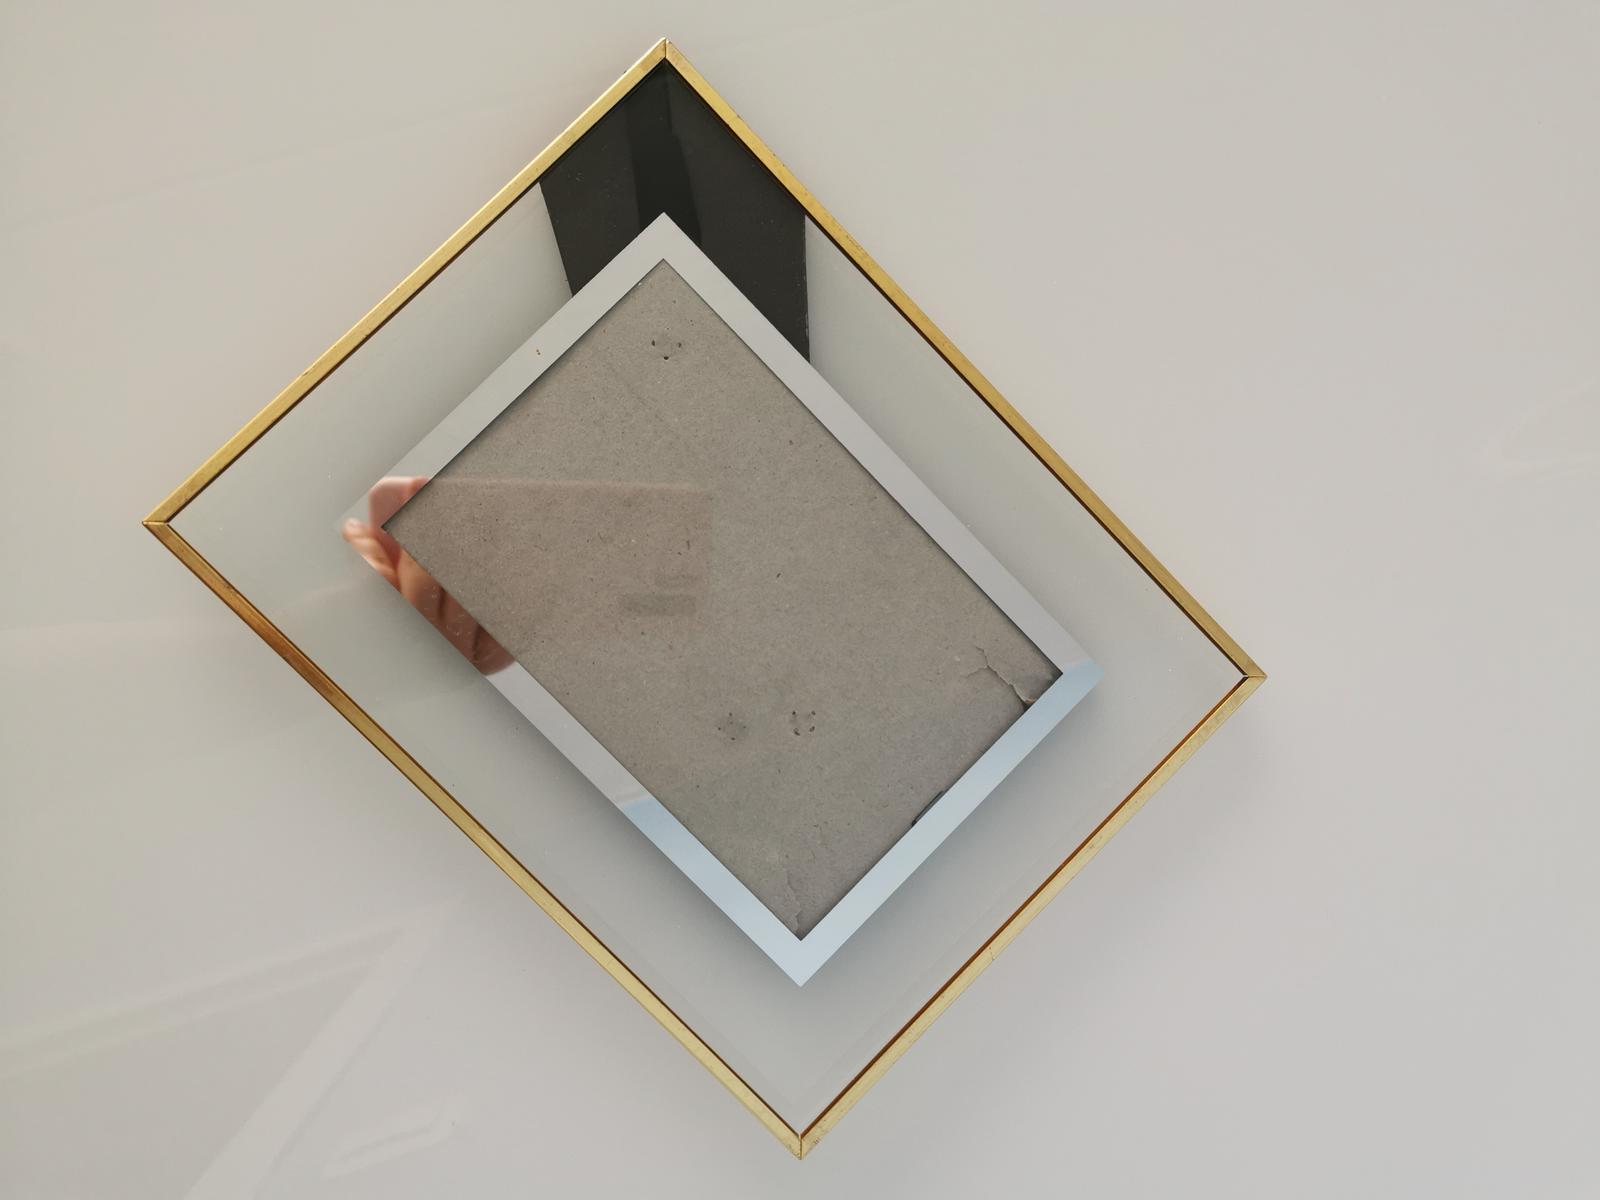 Rámiky 10x15 - Obrázok č. 1